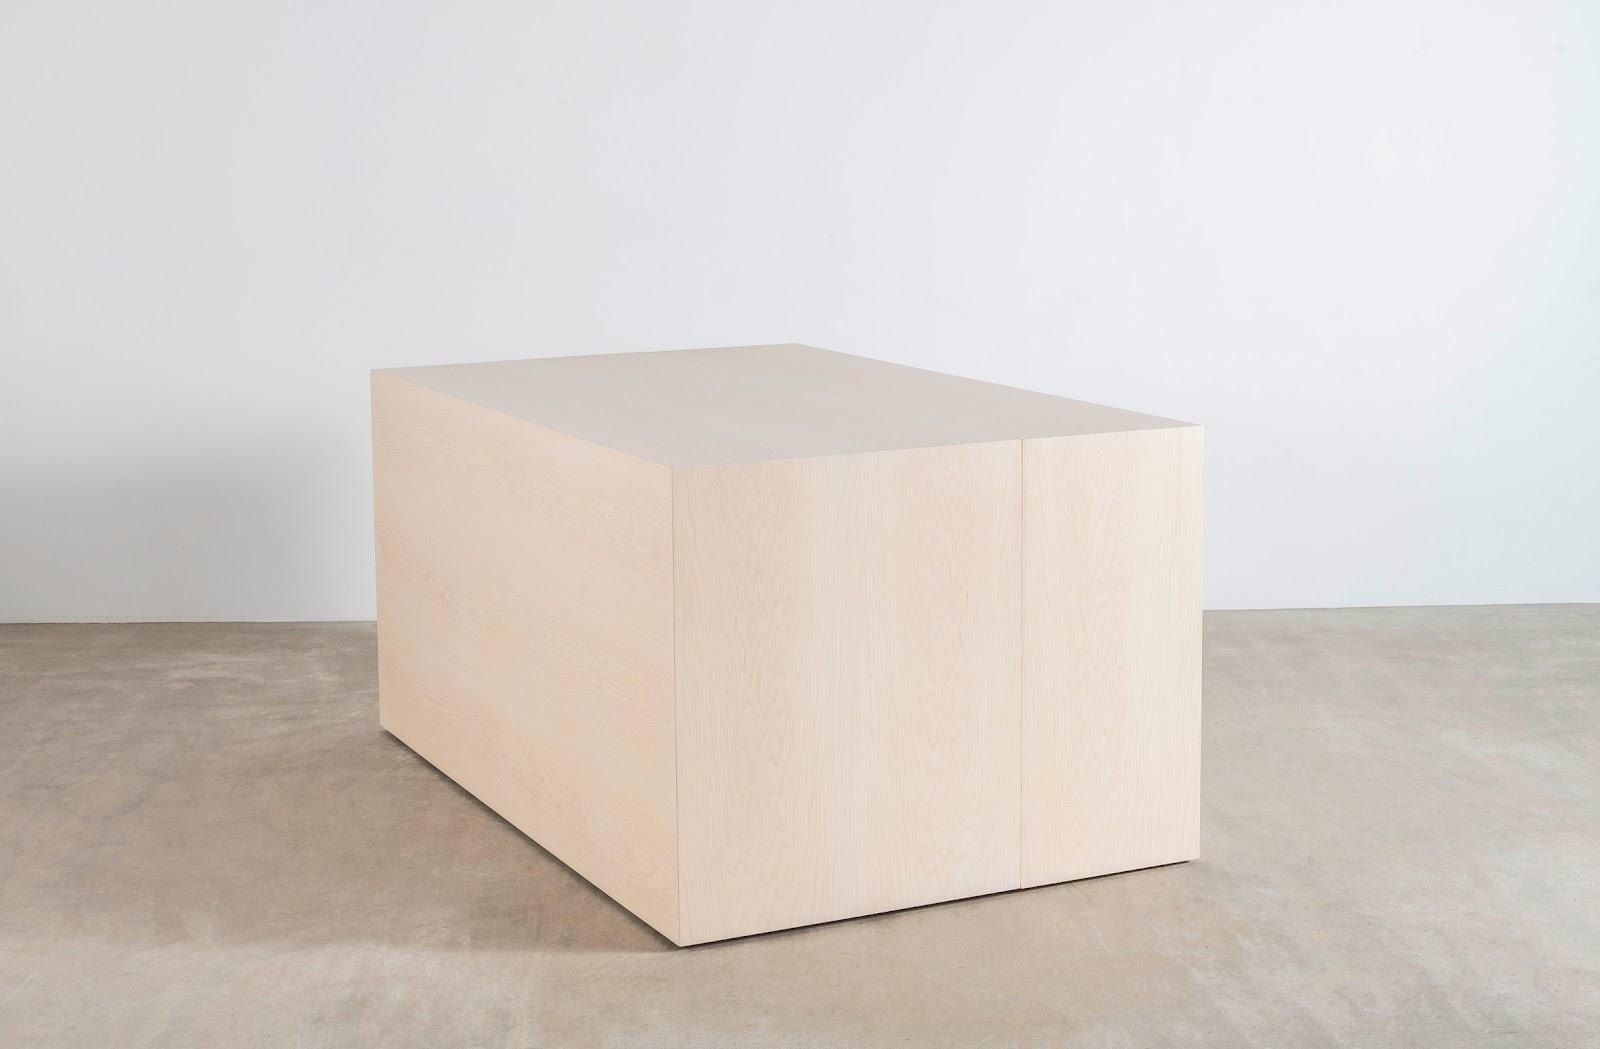 Монолитный деревянный стол